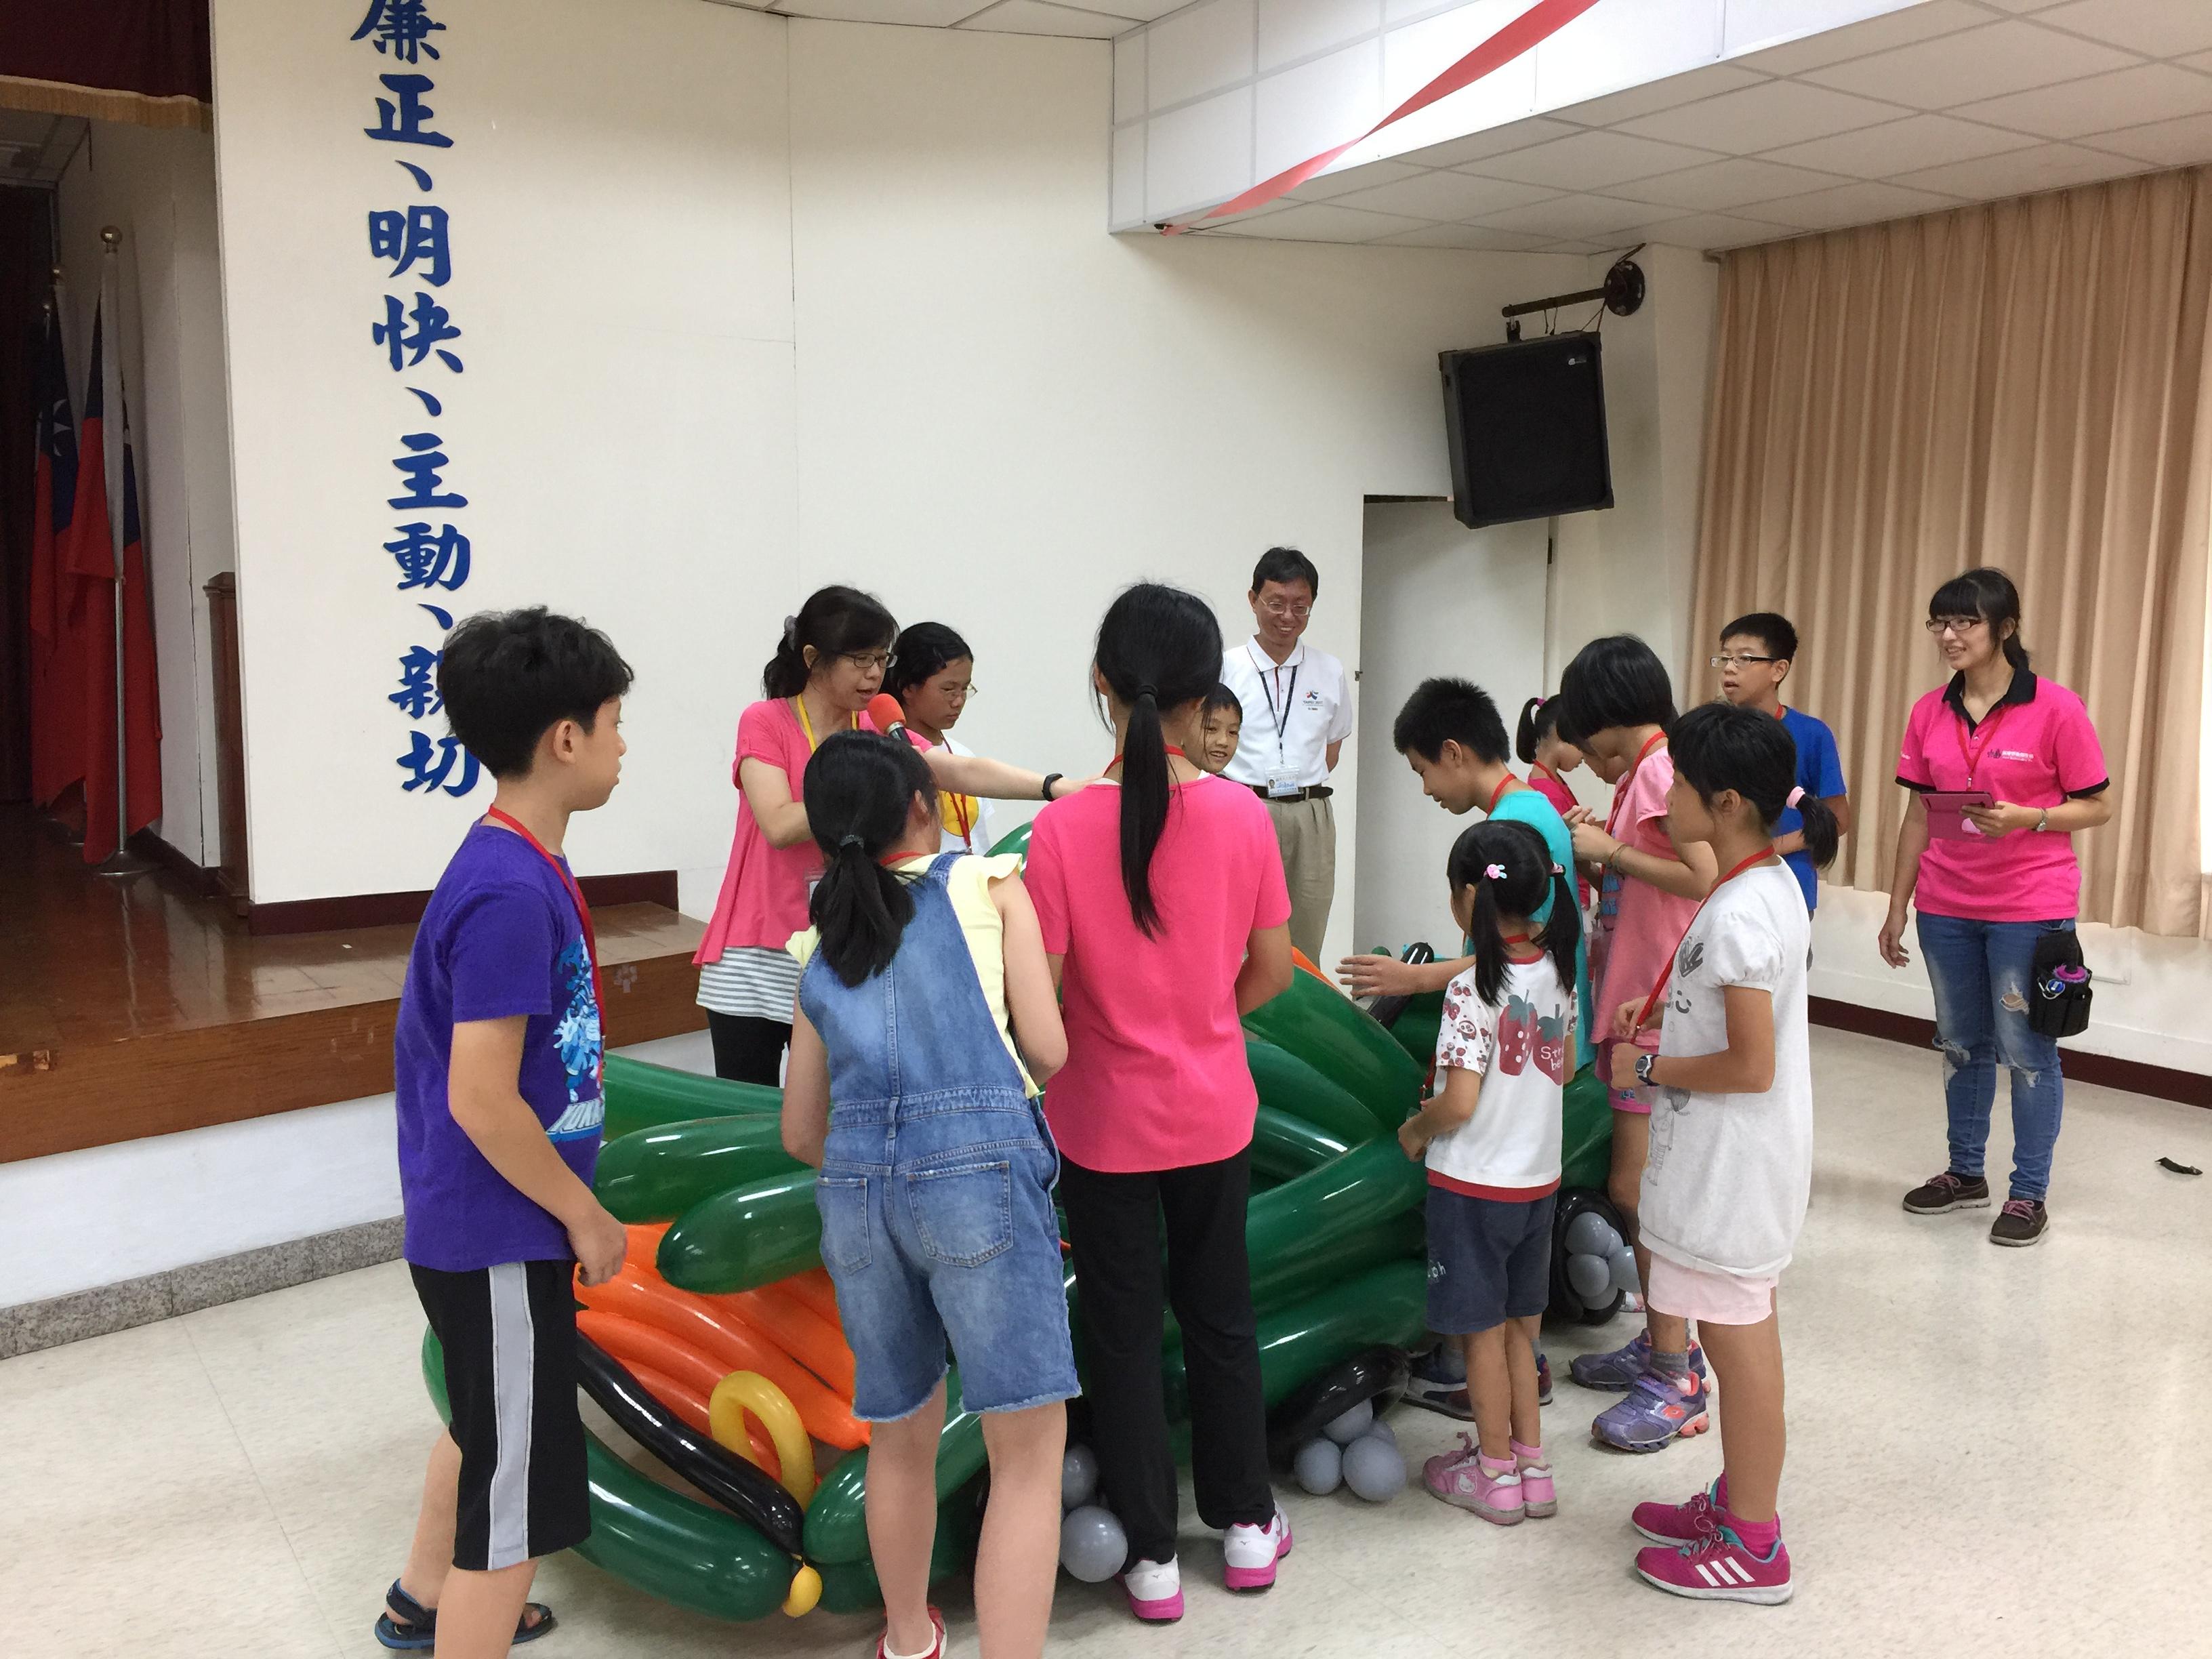 106Fun租稅Fun氣球活動照片26紅隊學員說明創作理念